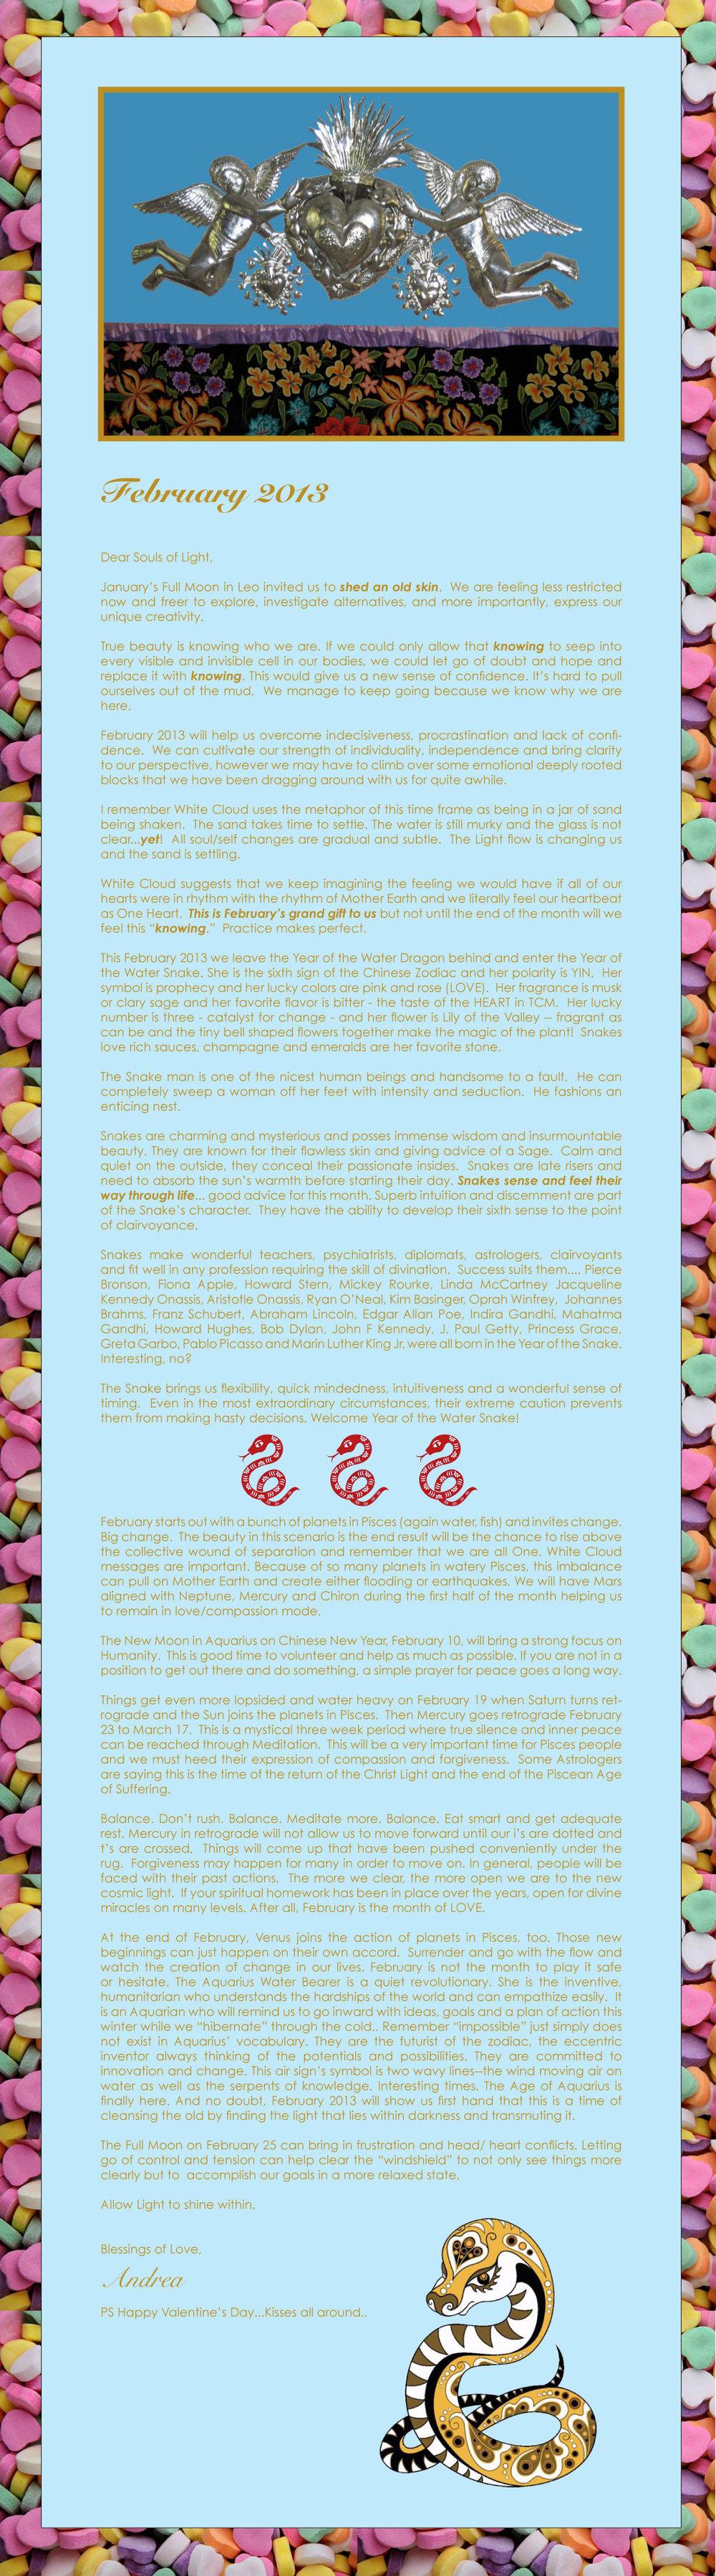 February-Newsletter-2013.jpg